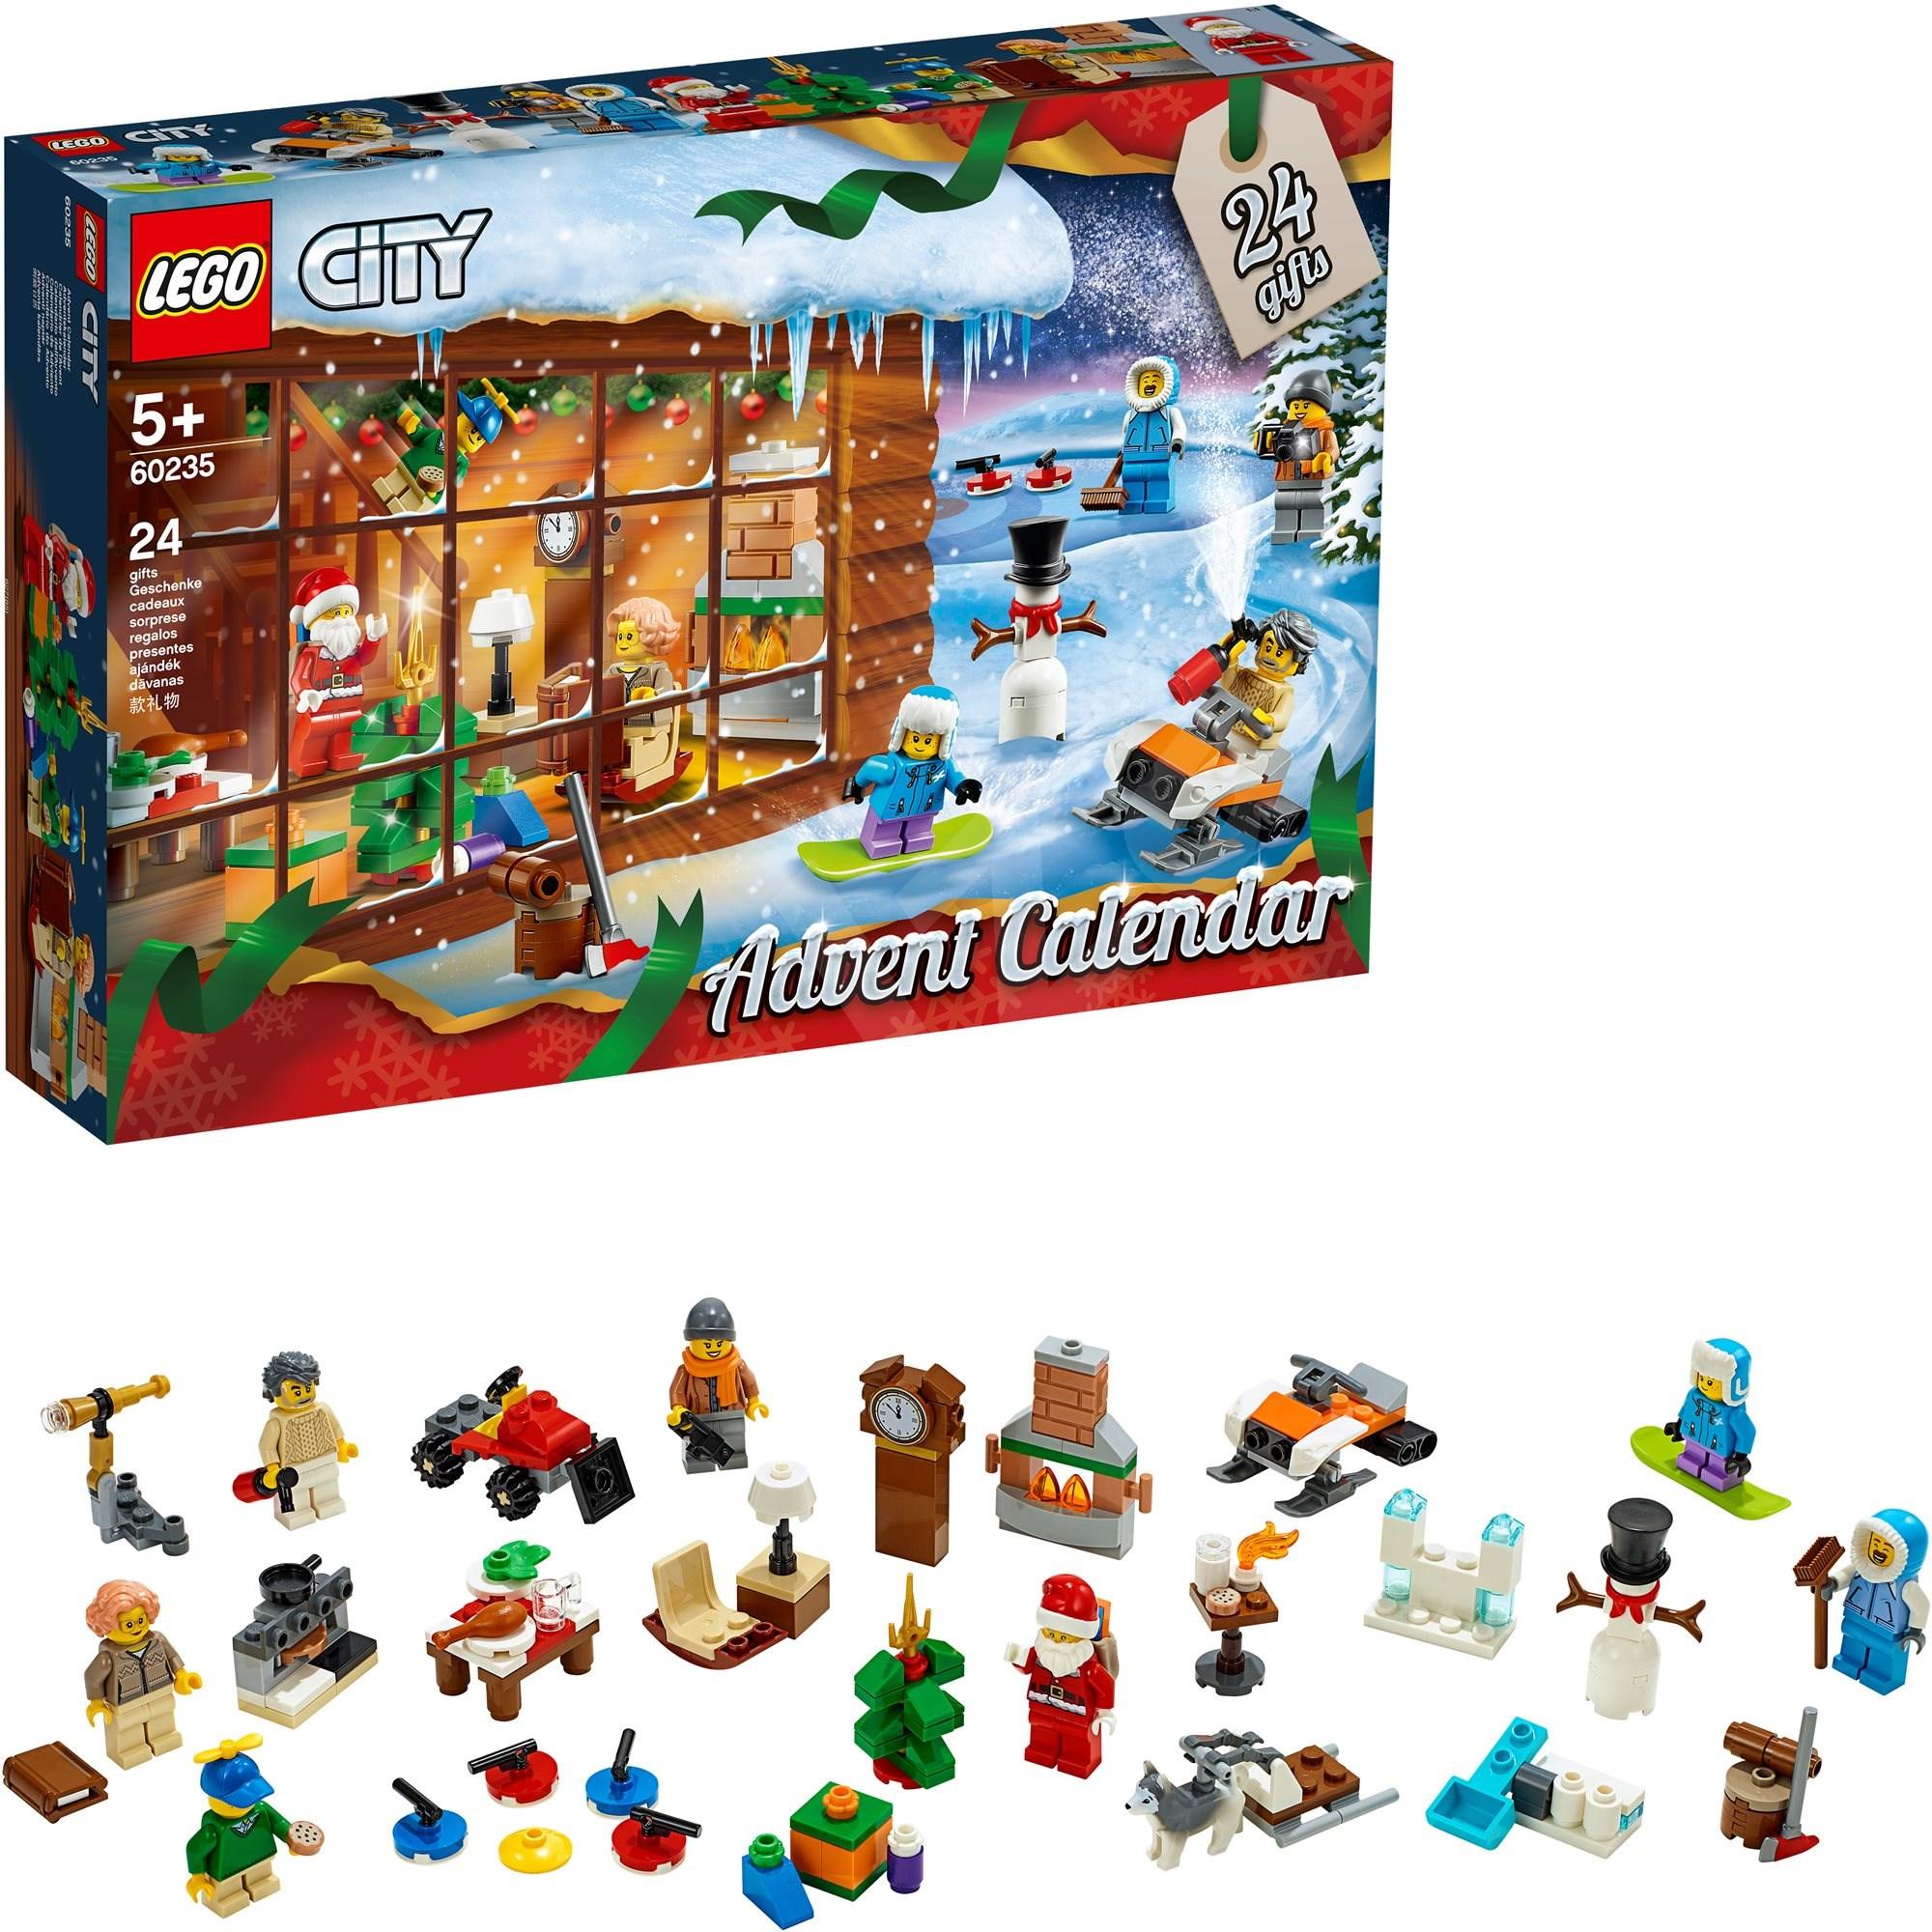 Adventný kalendár Lego City 24 ks